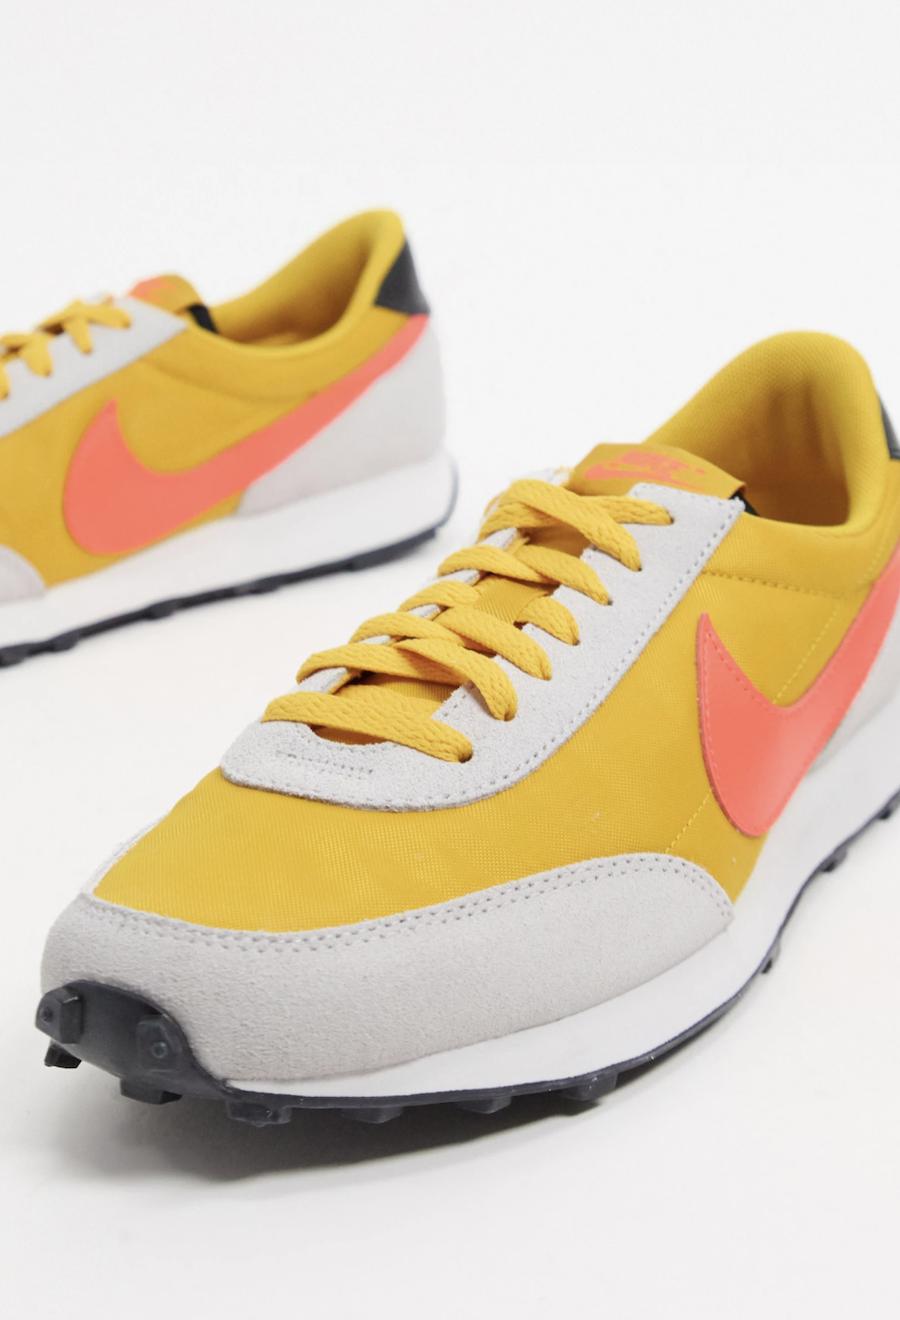 Zapatillas en amarillo y rojo Daybreak de Nike